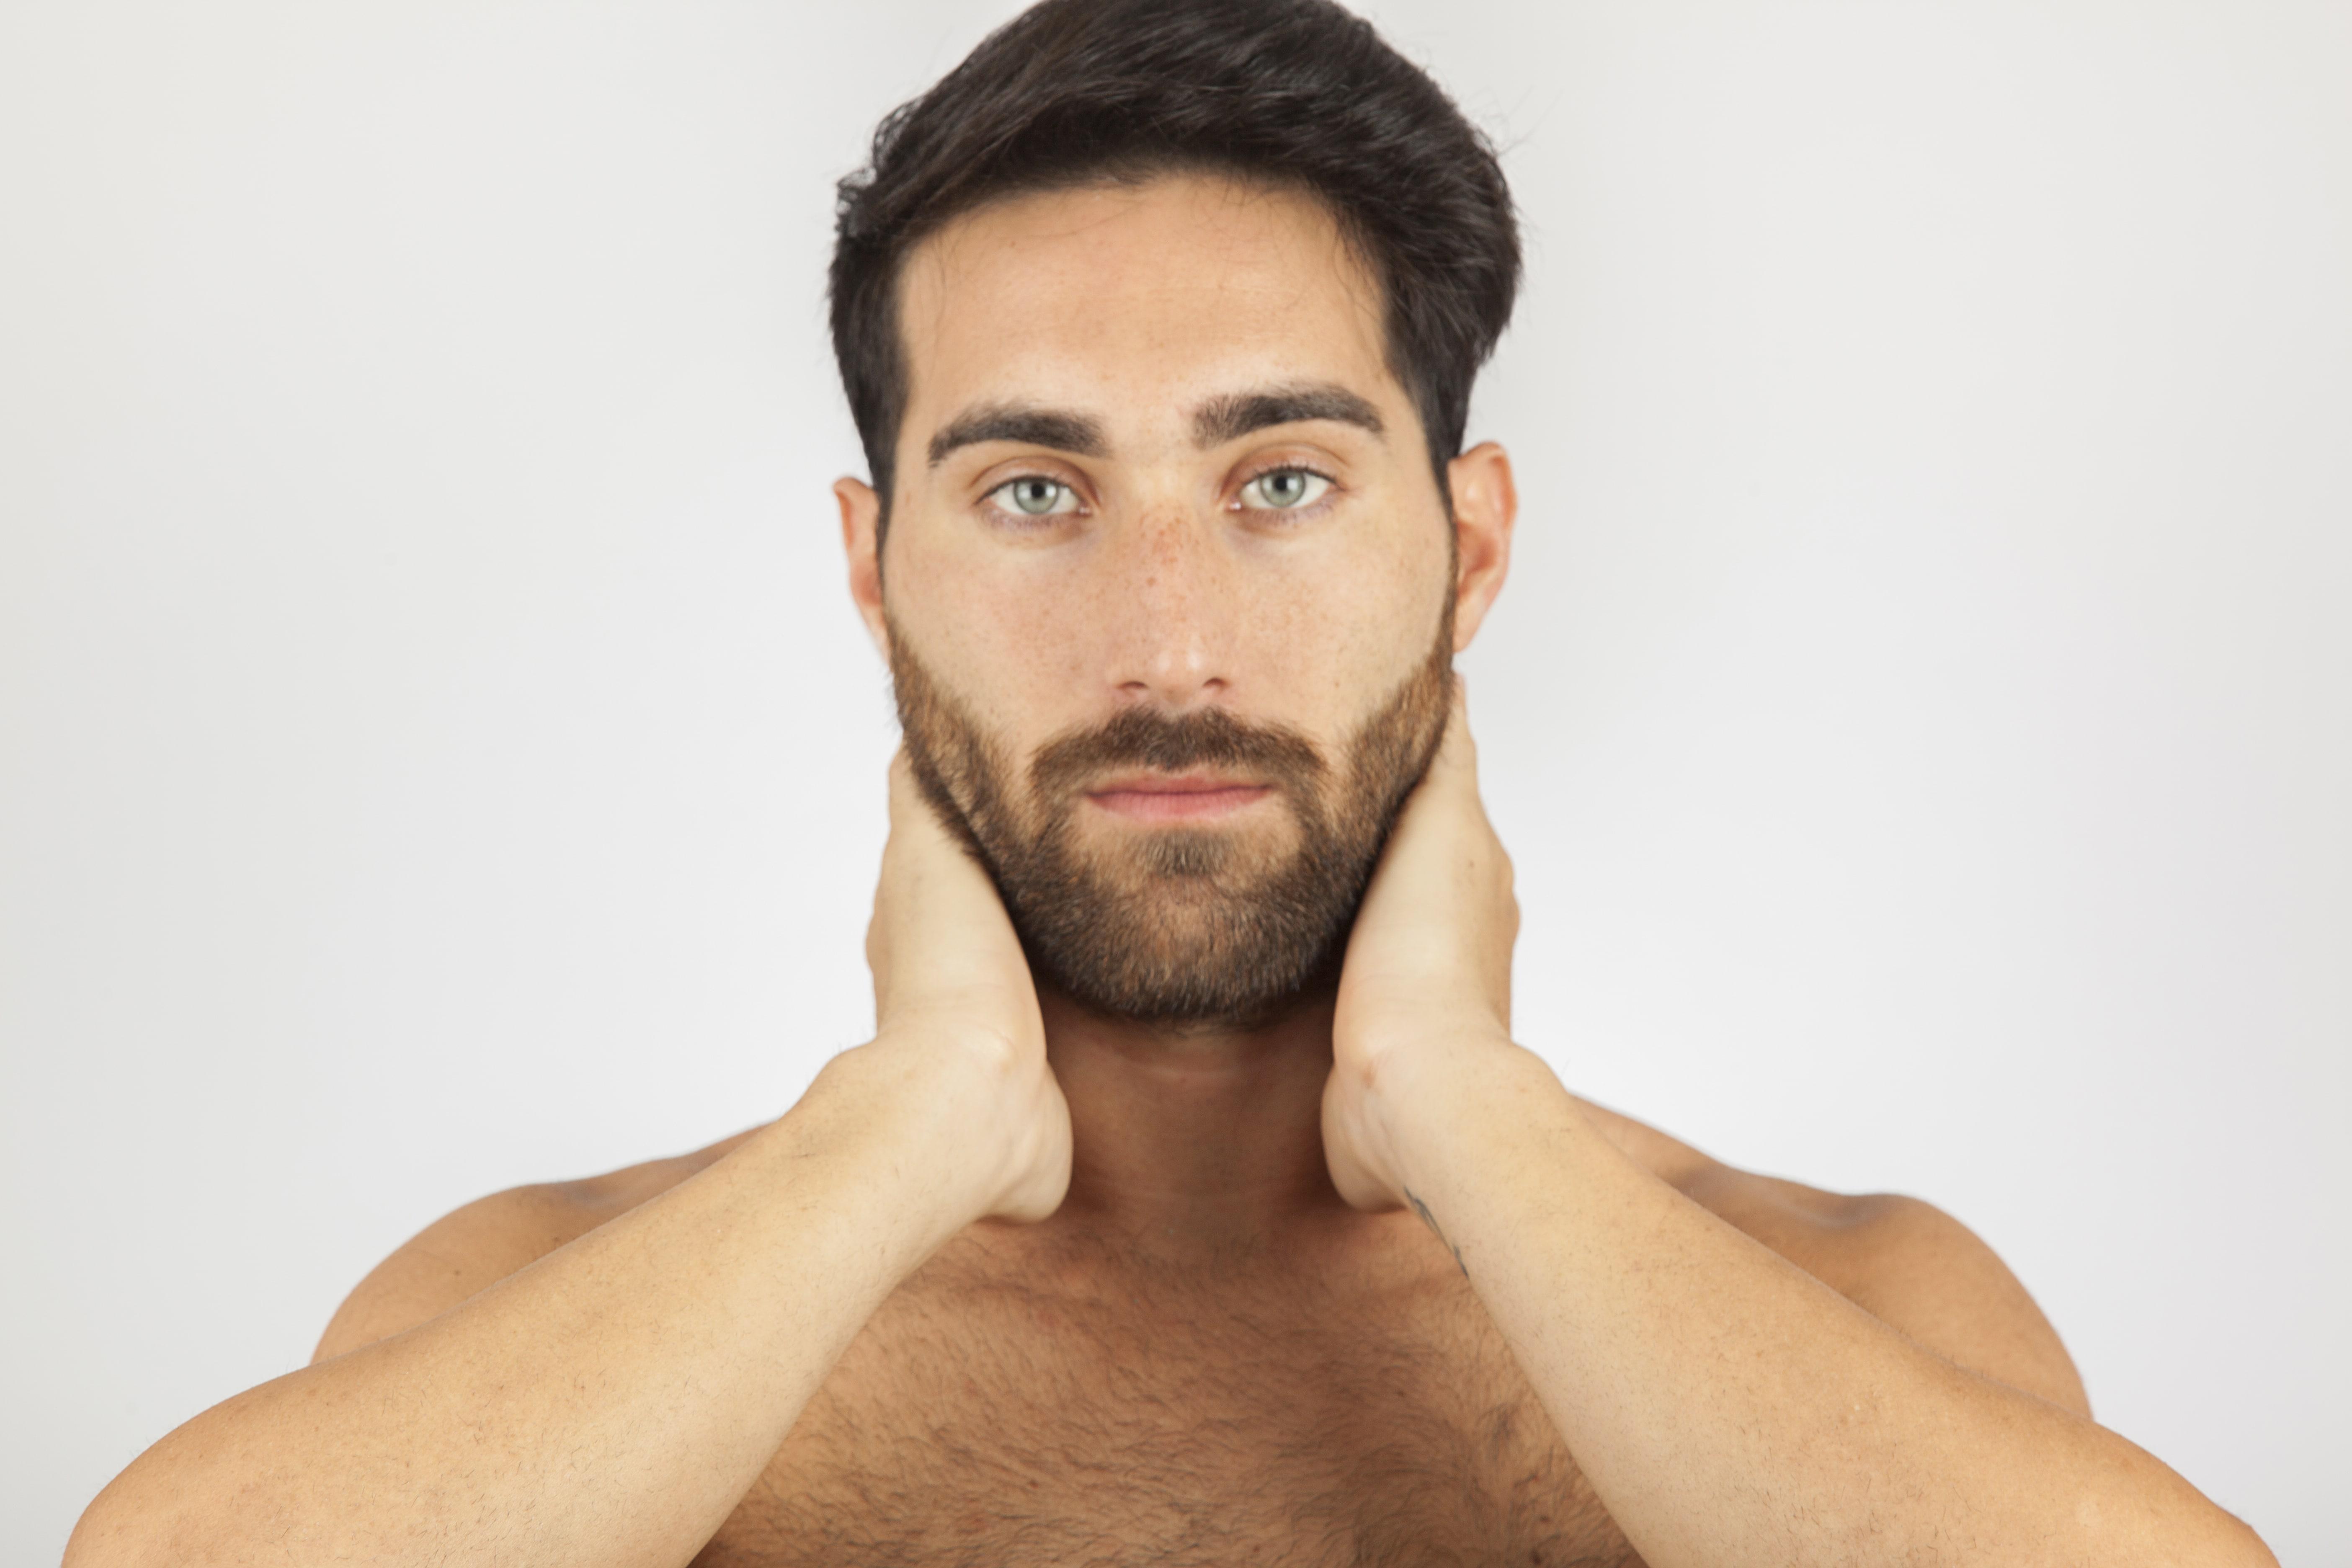 tratamientos-faciales-adecuados-hombres